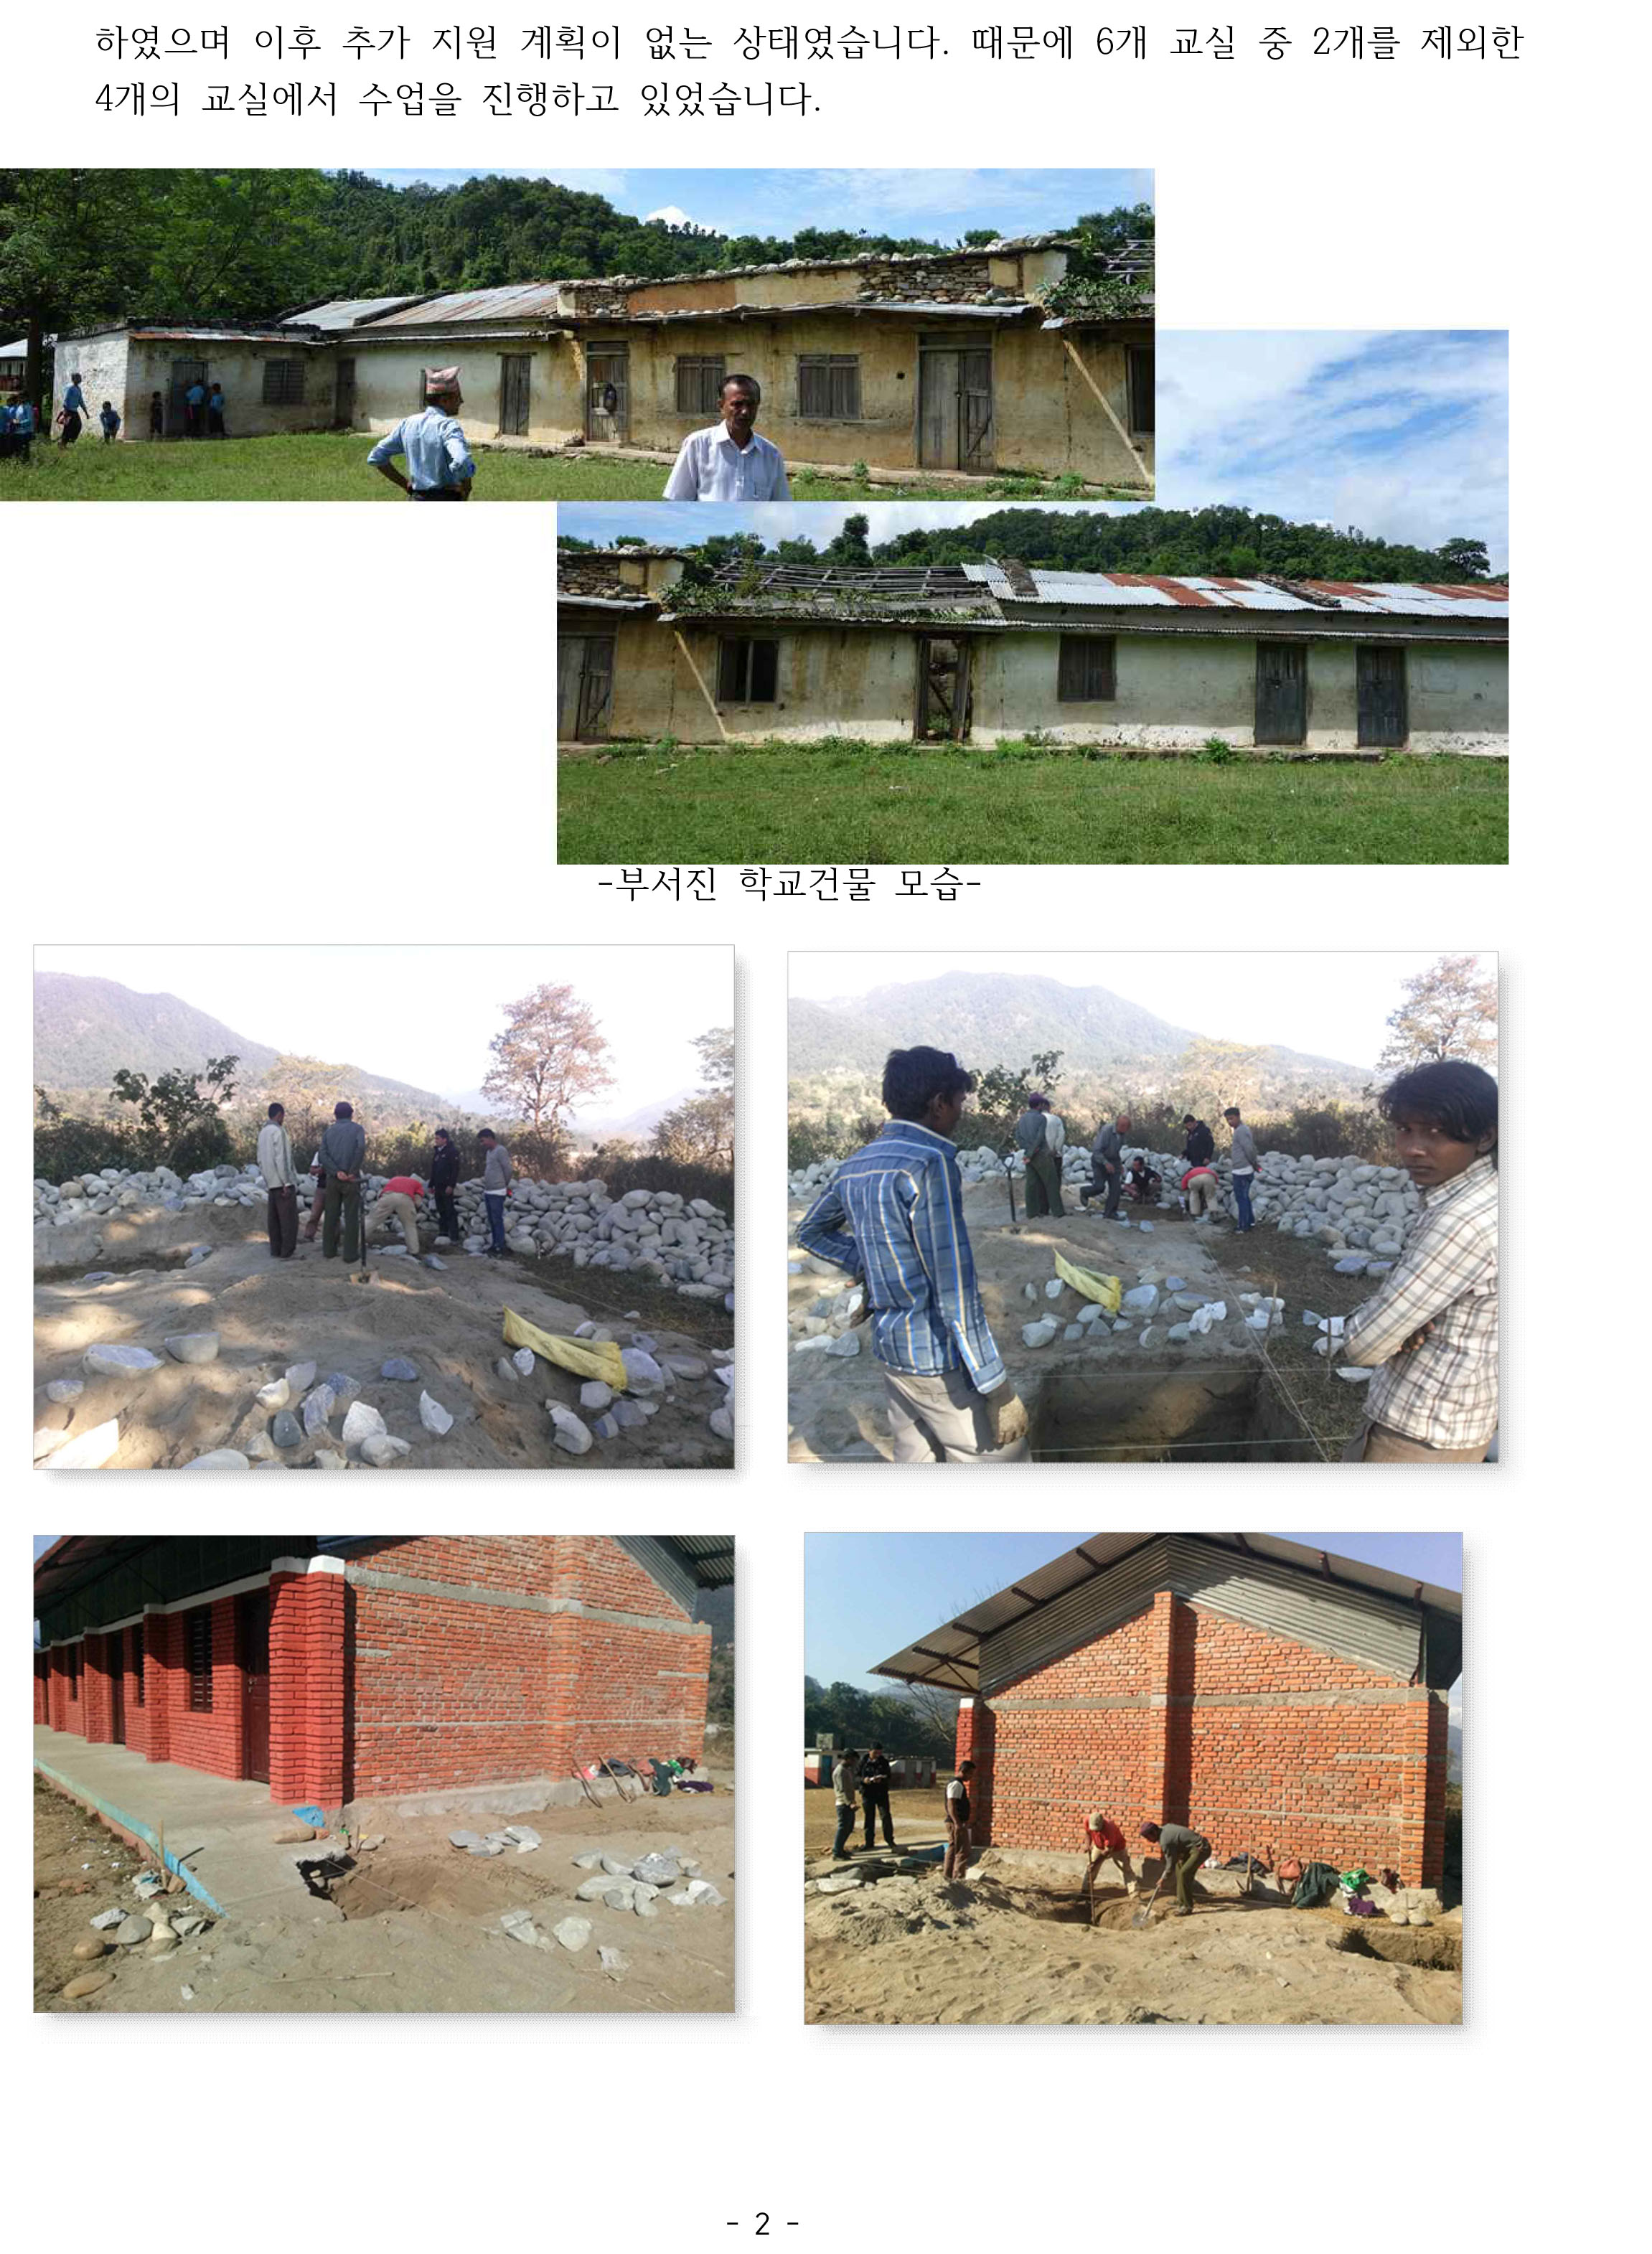 네팔 학교 재건 3차 준비 - 최종보고-2.jpg